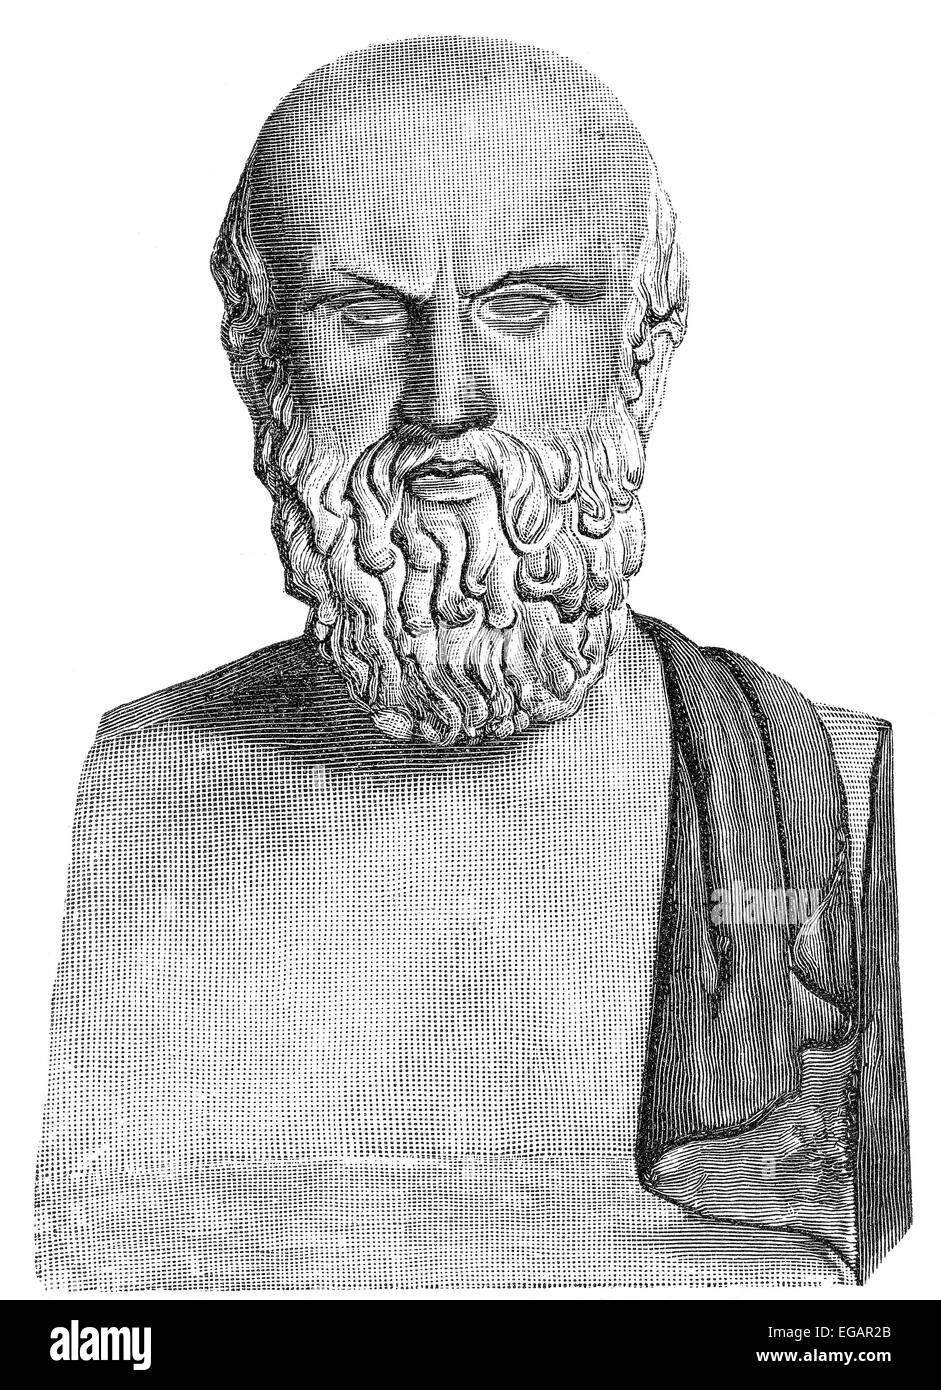 Aeschylus; c. 525/524 - c. 456/455 BC, an ancient Greek tragedian, Aischylos, Äschylus, oder Aeschylus, 525 v. Chr. Stock Photo